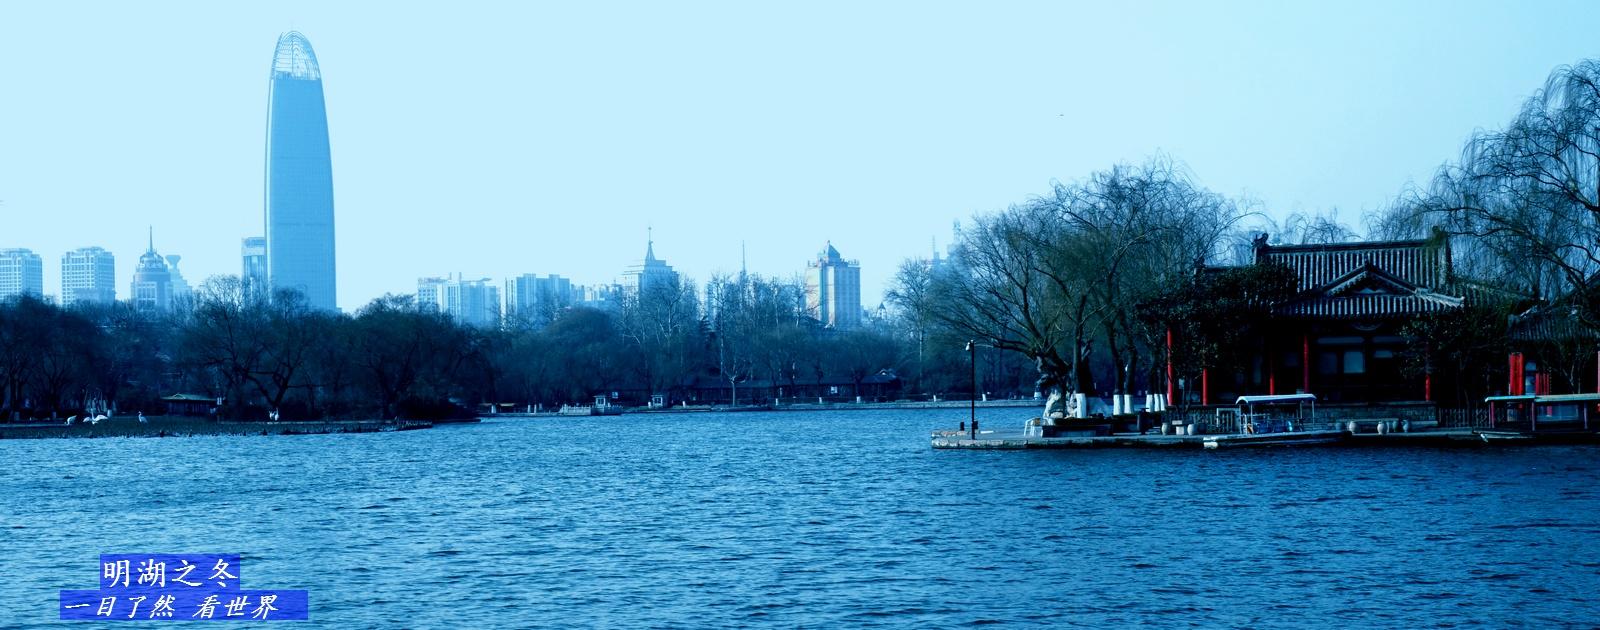 明湖之冬-12-1600.jpg